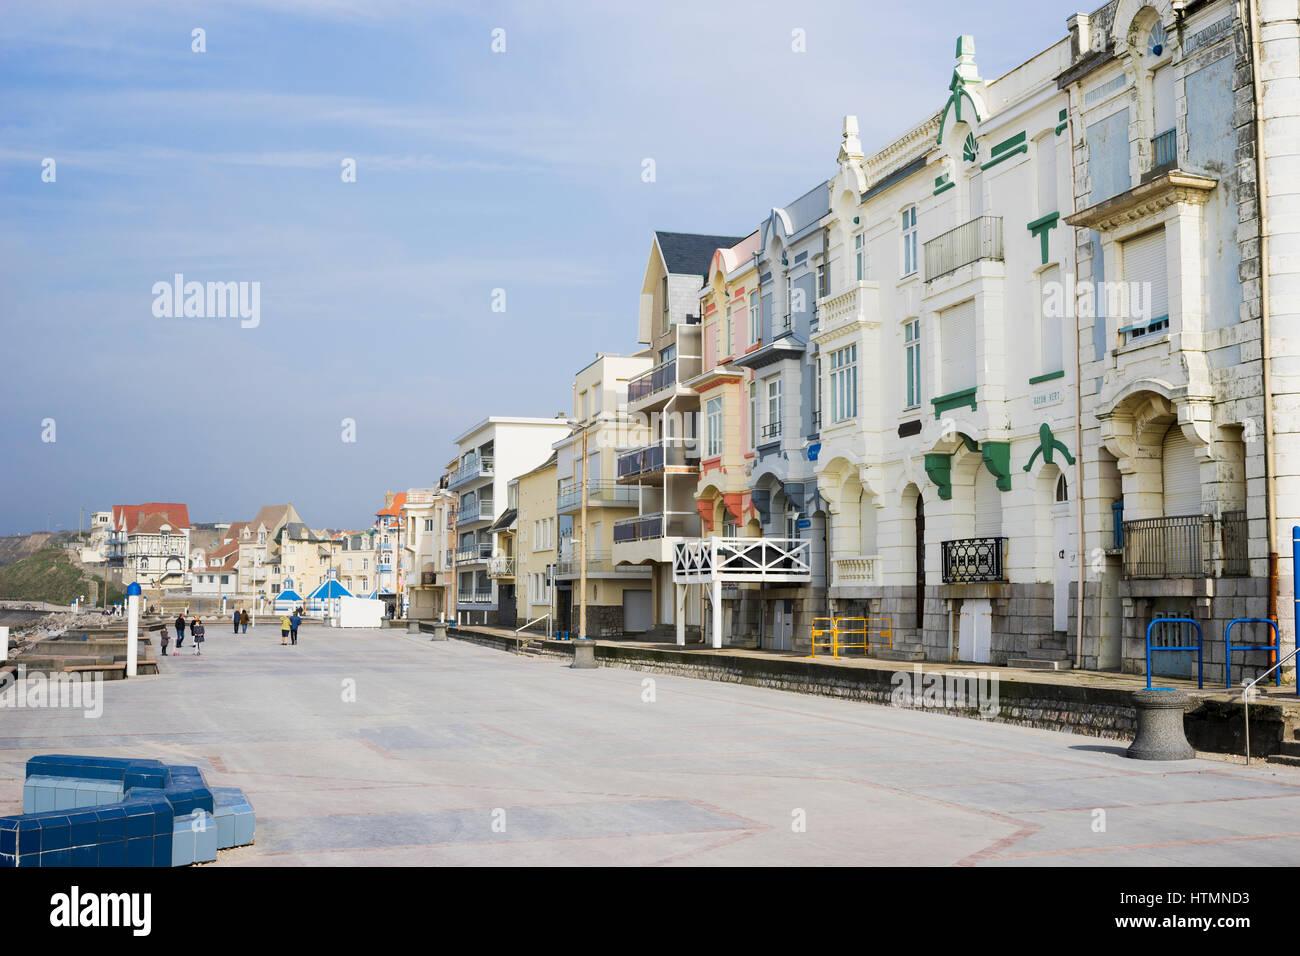 Promenade du front de mer à l'architecture Belle epoque à Wimereux, Côte d'Opale, France Photo Stock